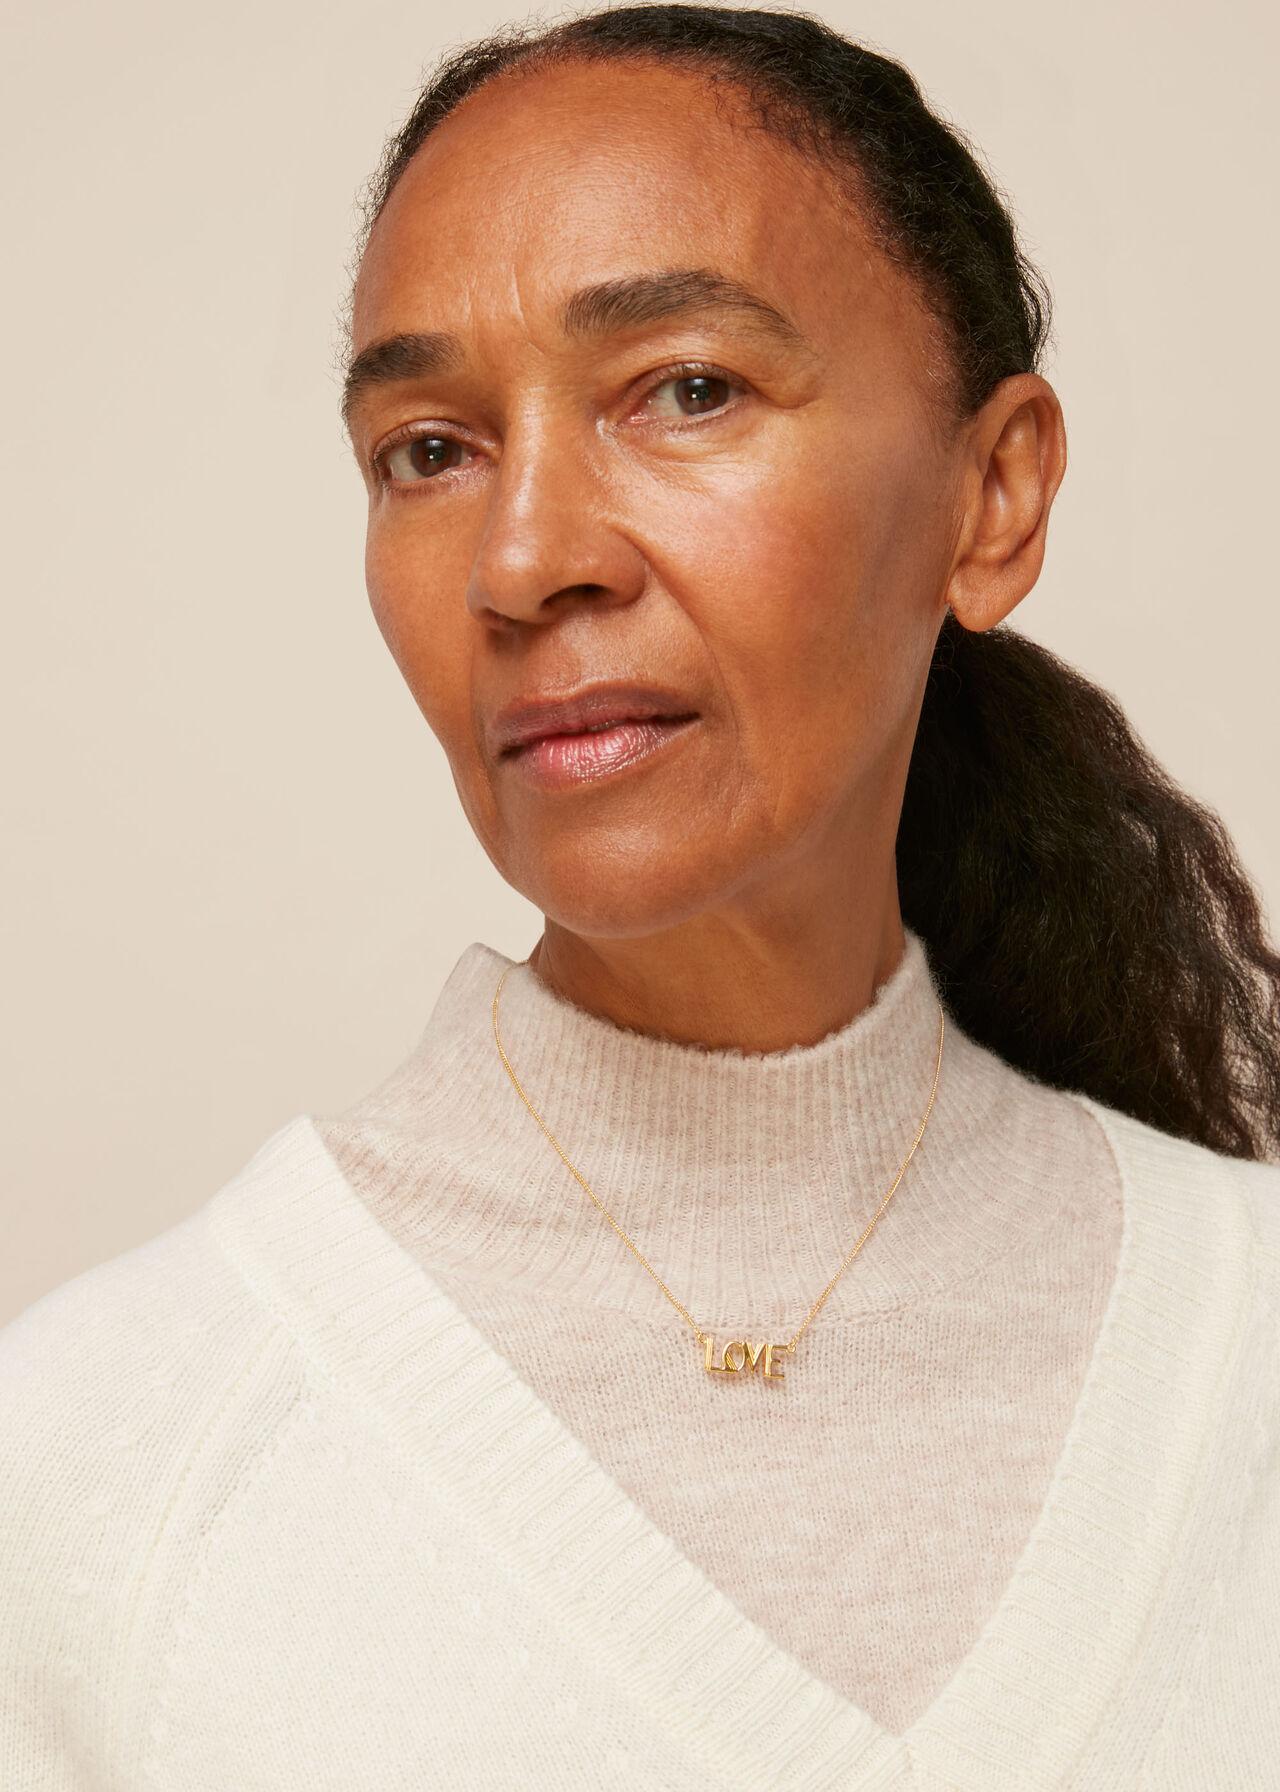 Rachel Jackson Love Necklace